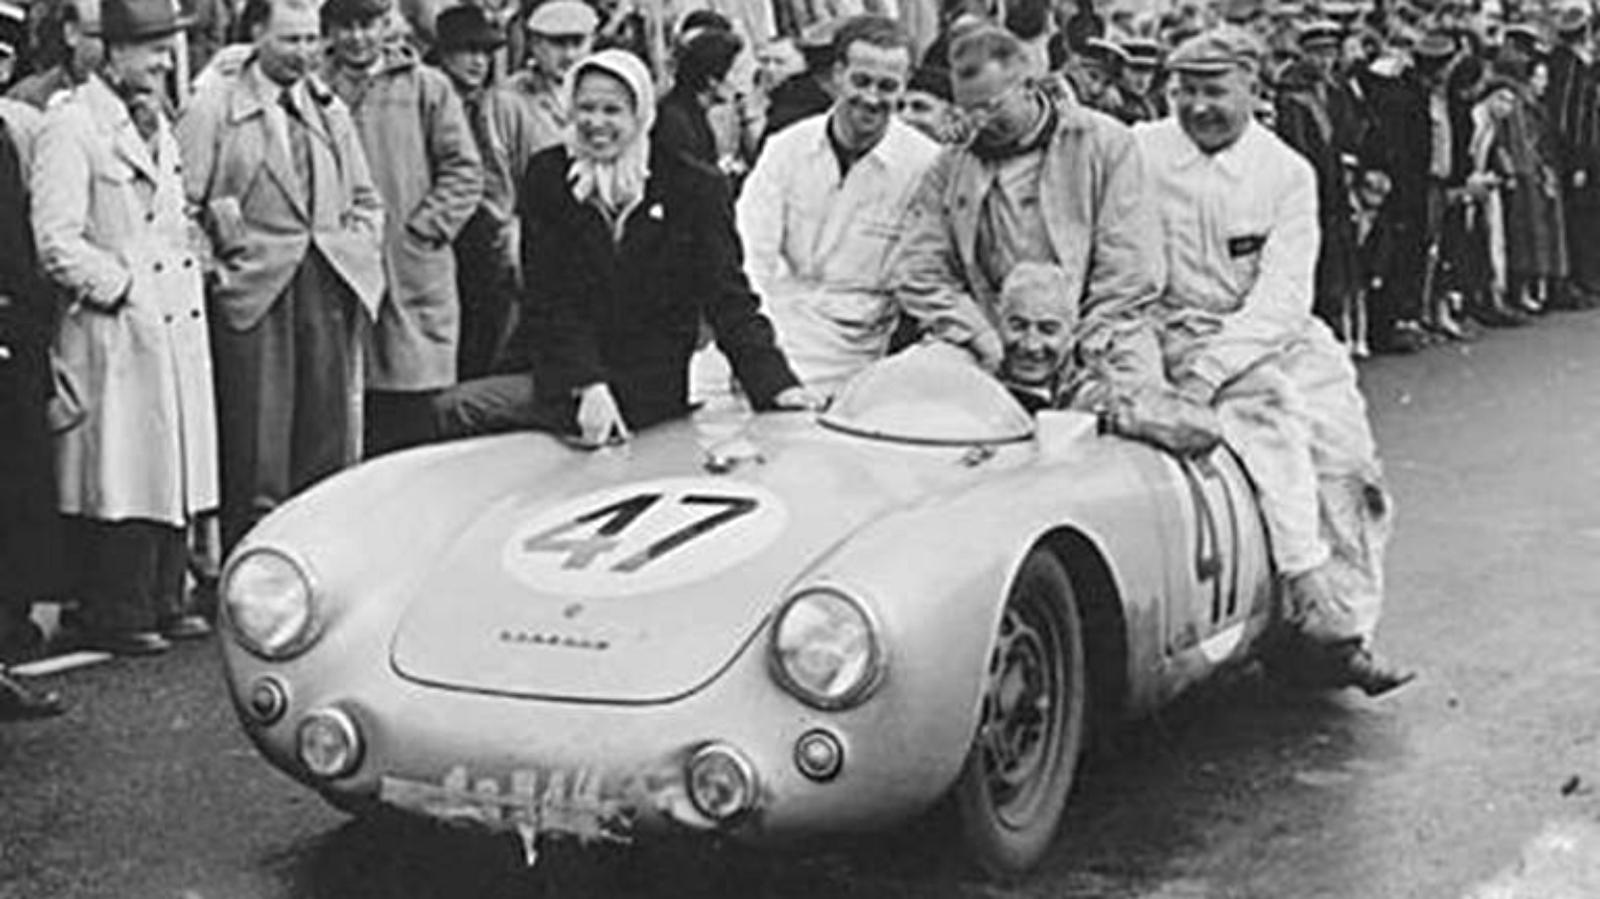 Father of the Corvette - Zora Arkus-Dunto